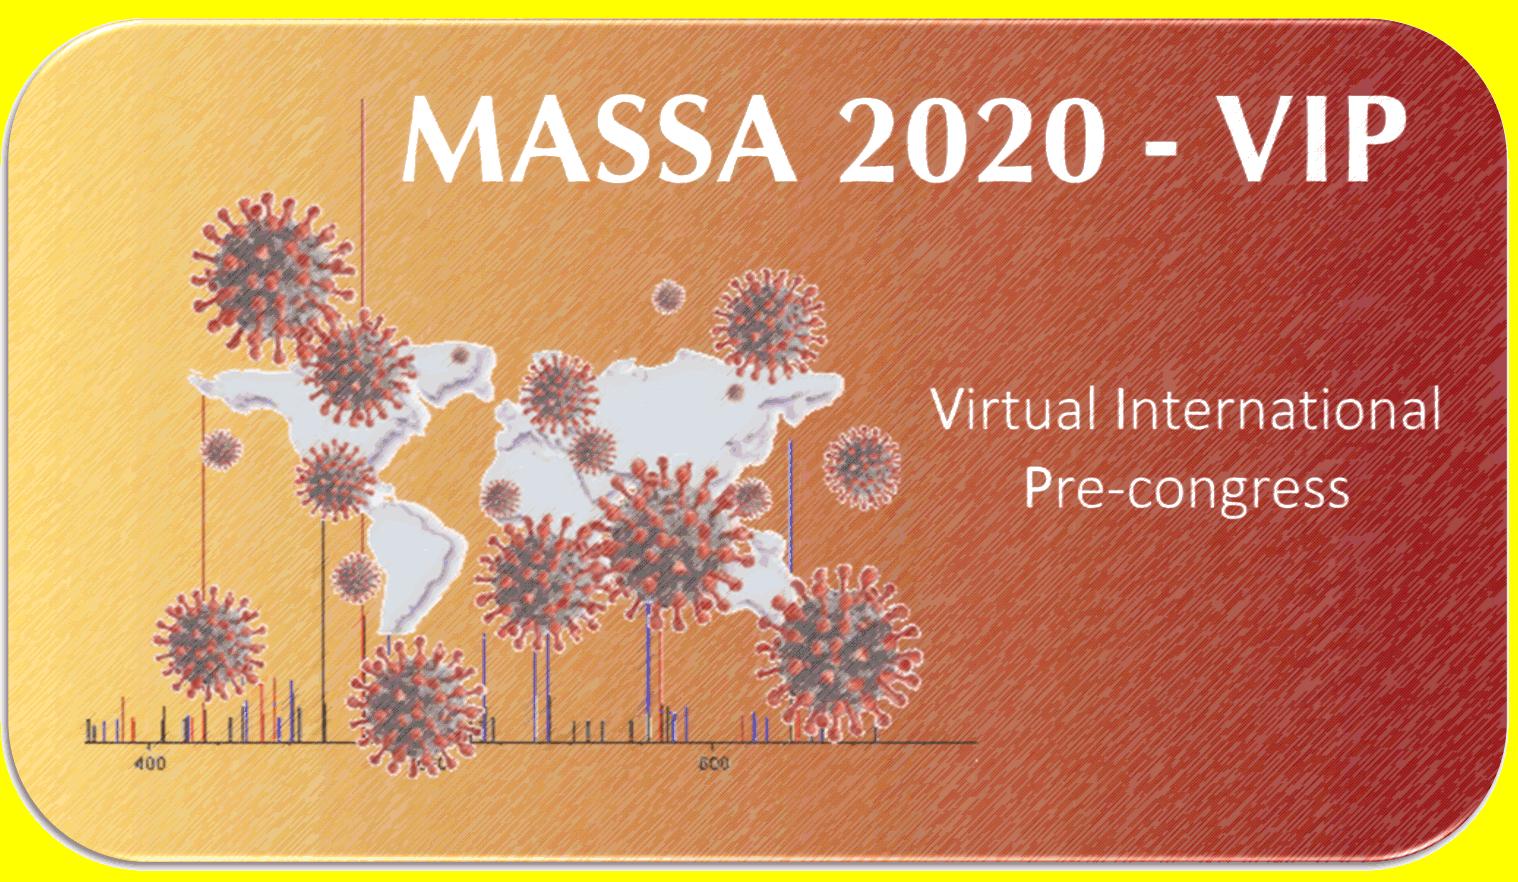 MASSA2020-VIP